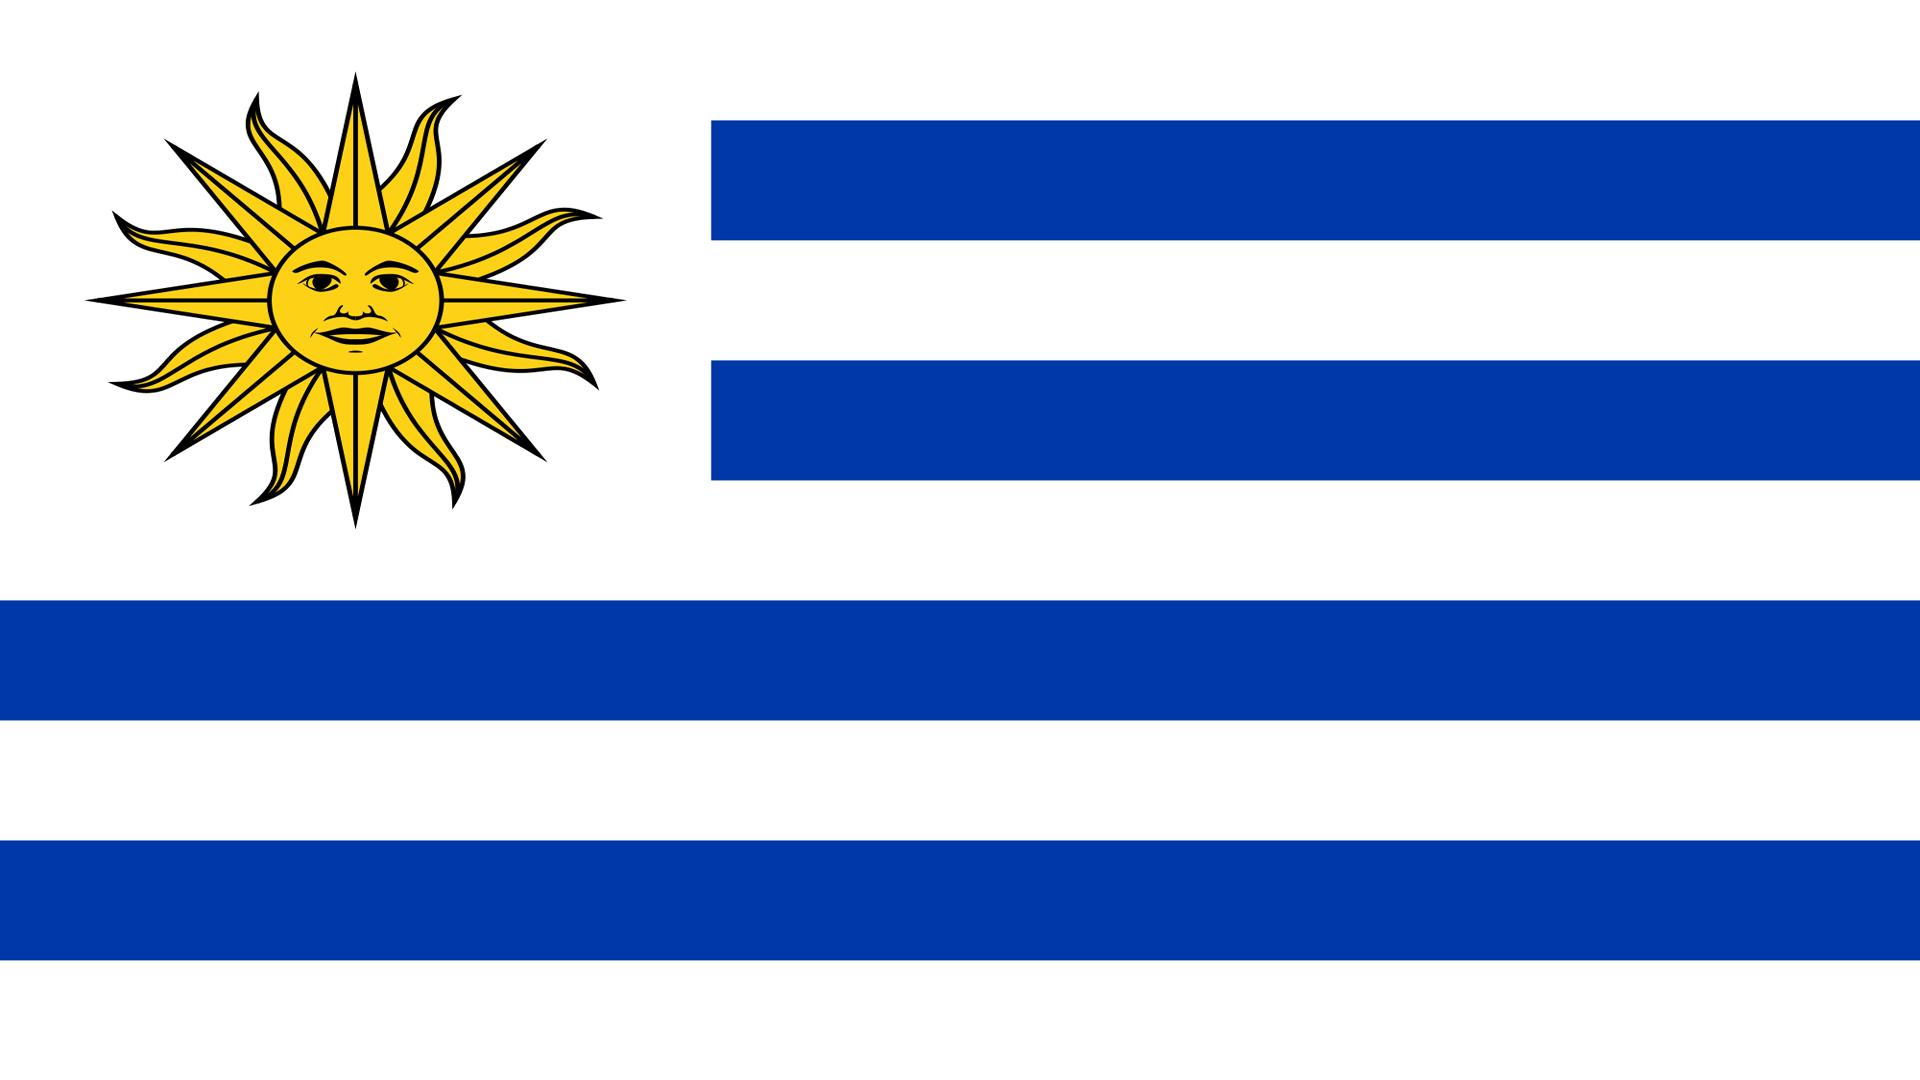 Консульская легализация для Уругвая - СПРАВКА ИНФОРМ | SpravkaInform.com.ua